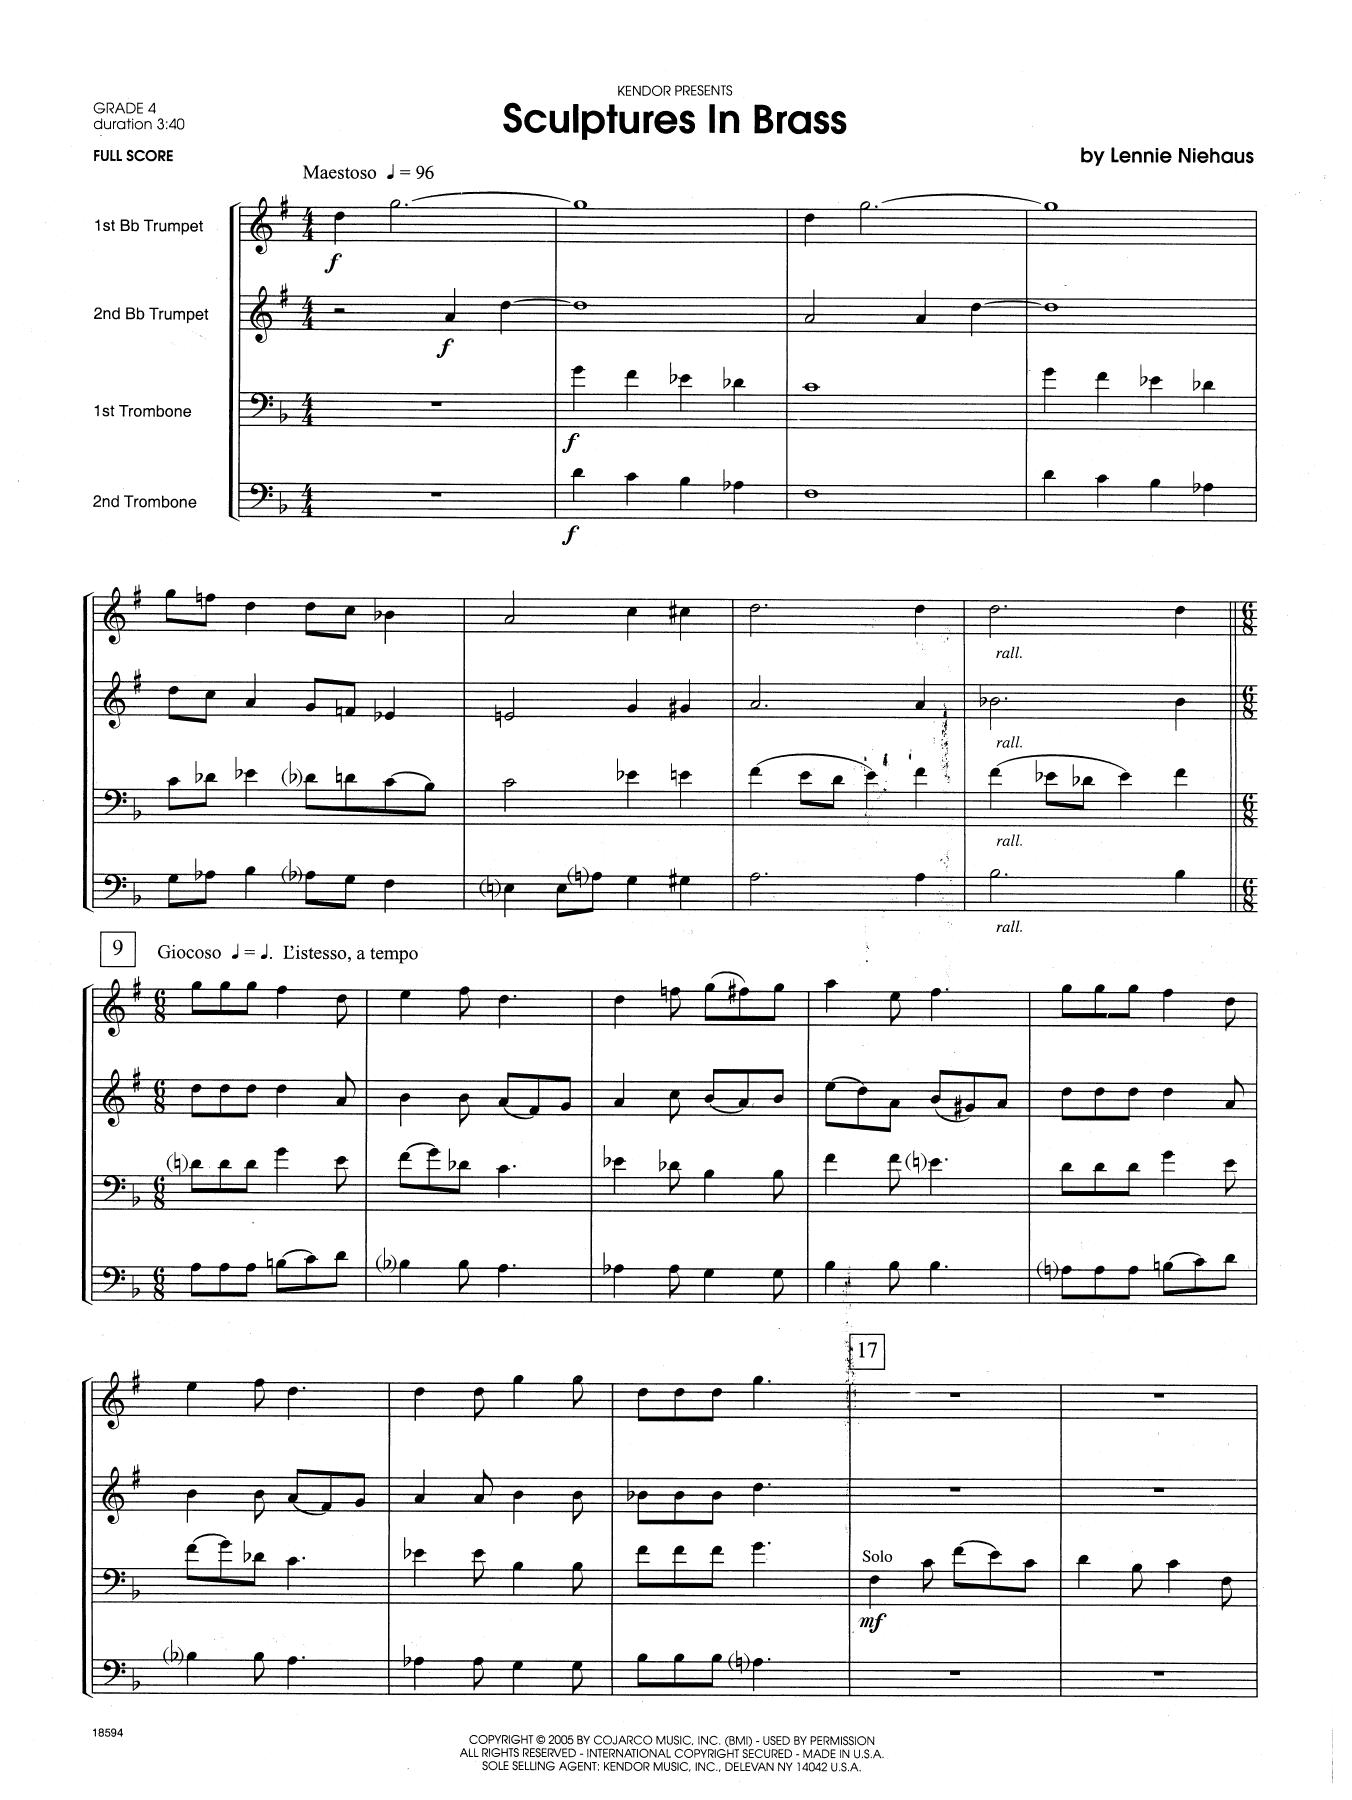 Sculptures In Brass (COMPLETE) sheet music for brass quartet by Lennie Niehaus